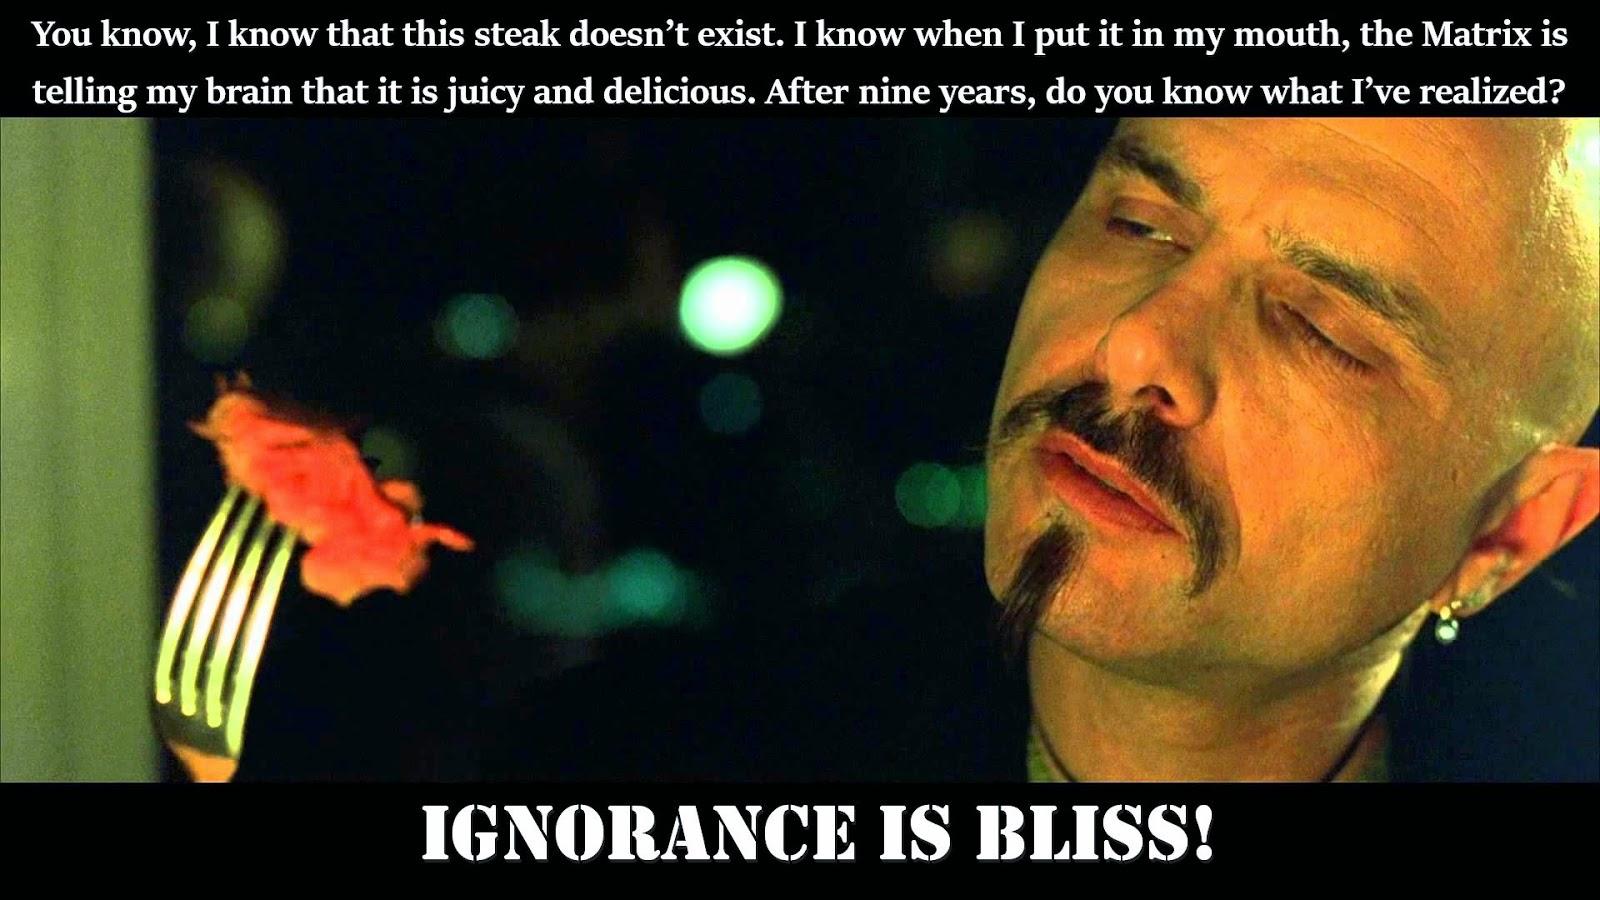 Steak Quotes Quotesgram: Quotes From The Matrix Movie. QuotesGram